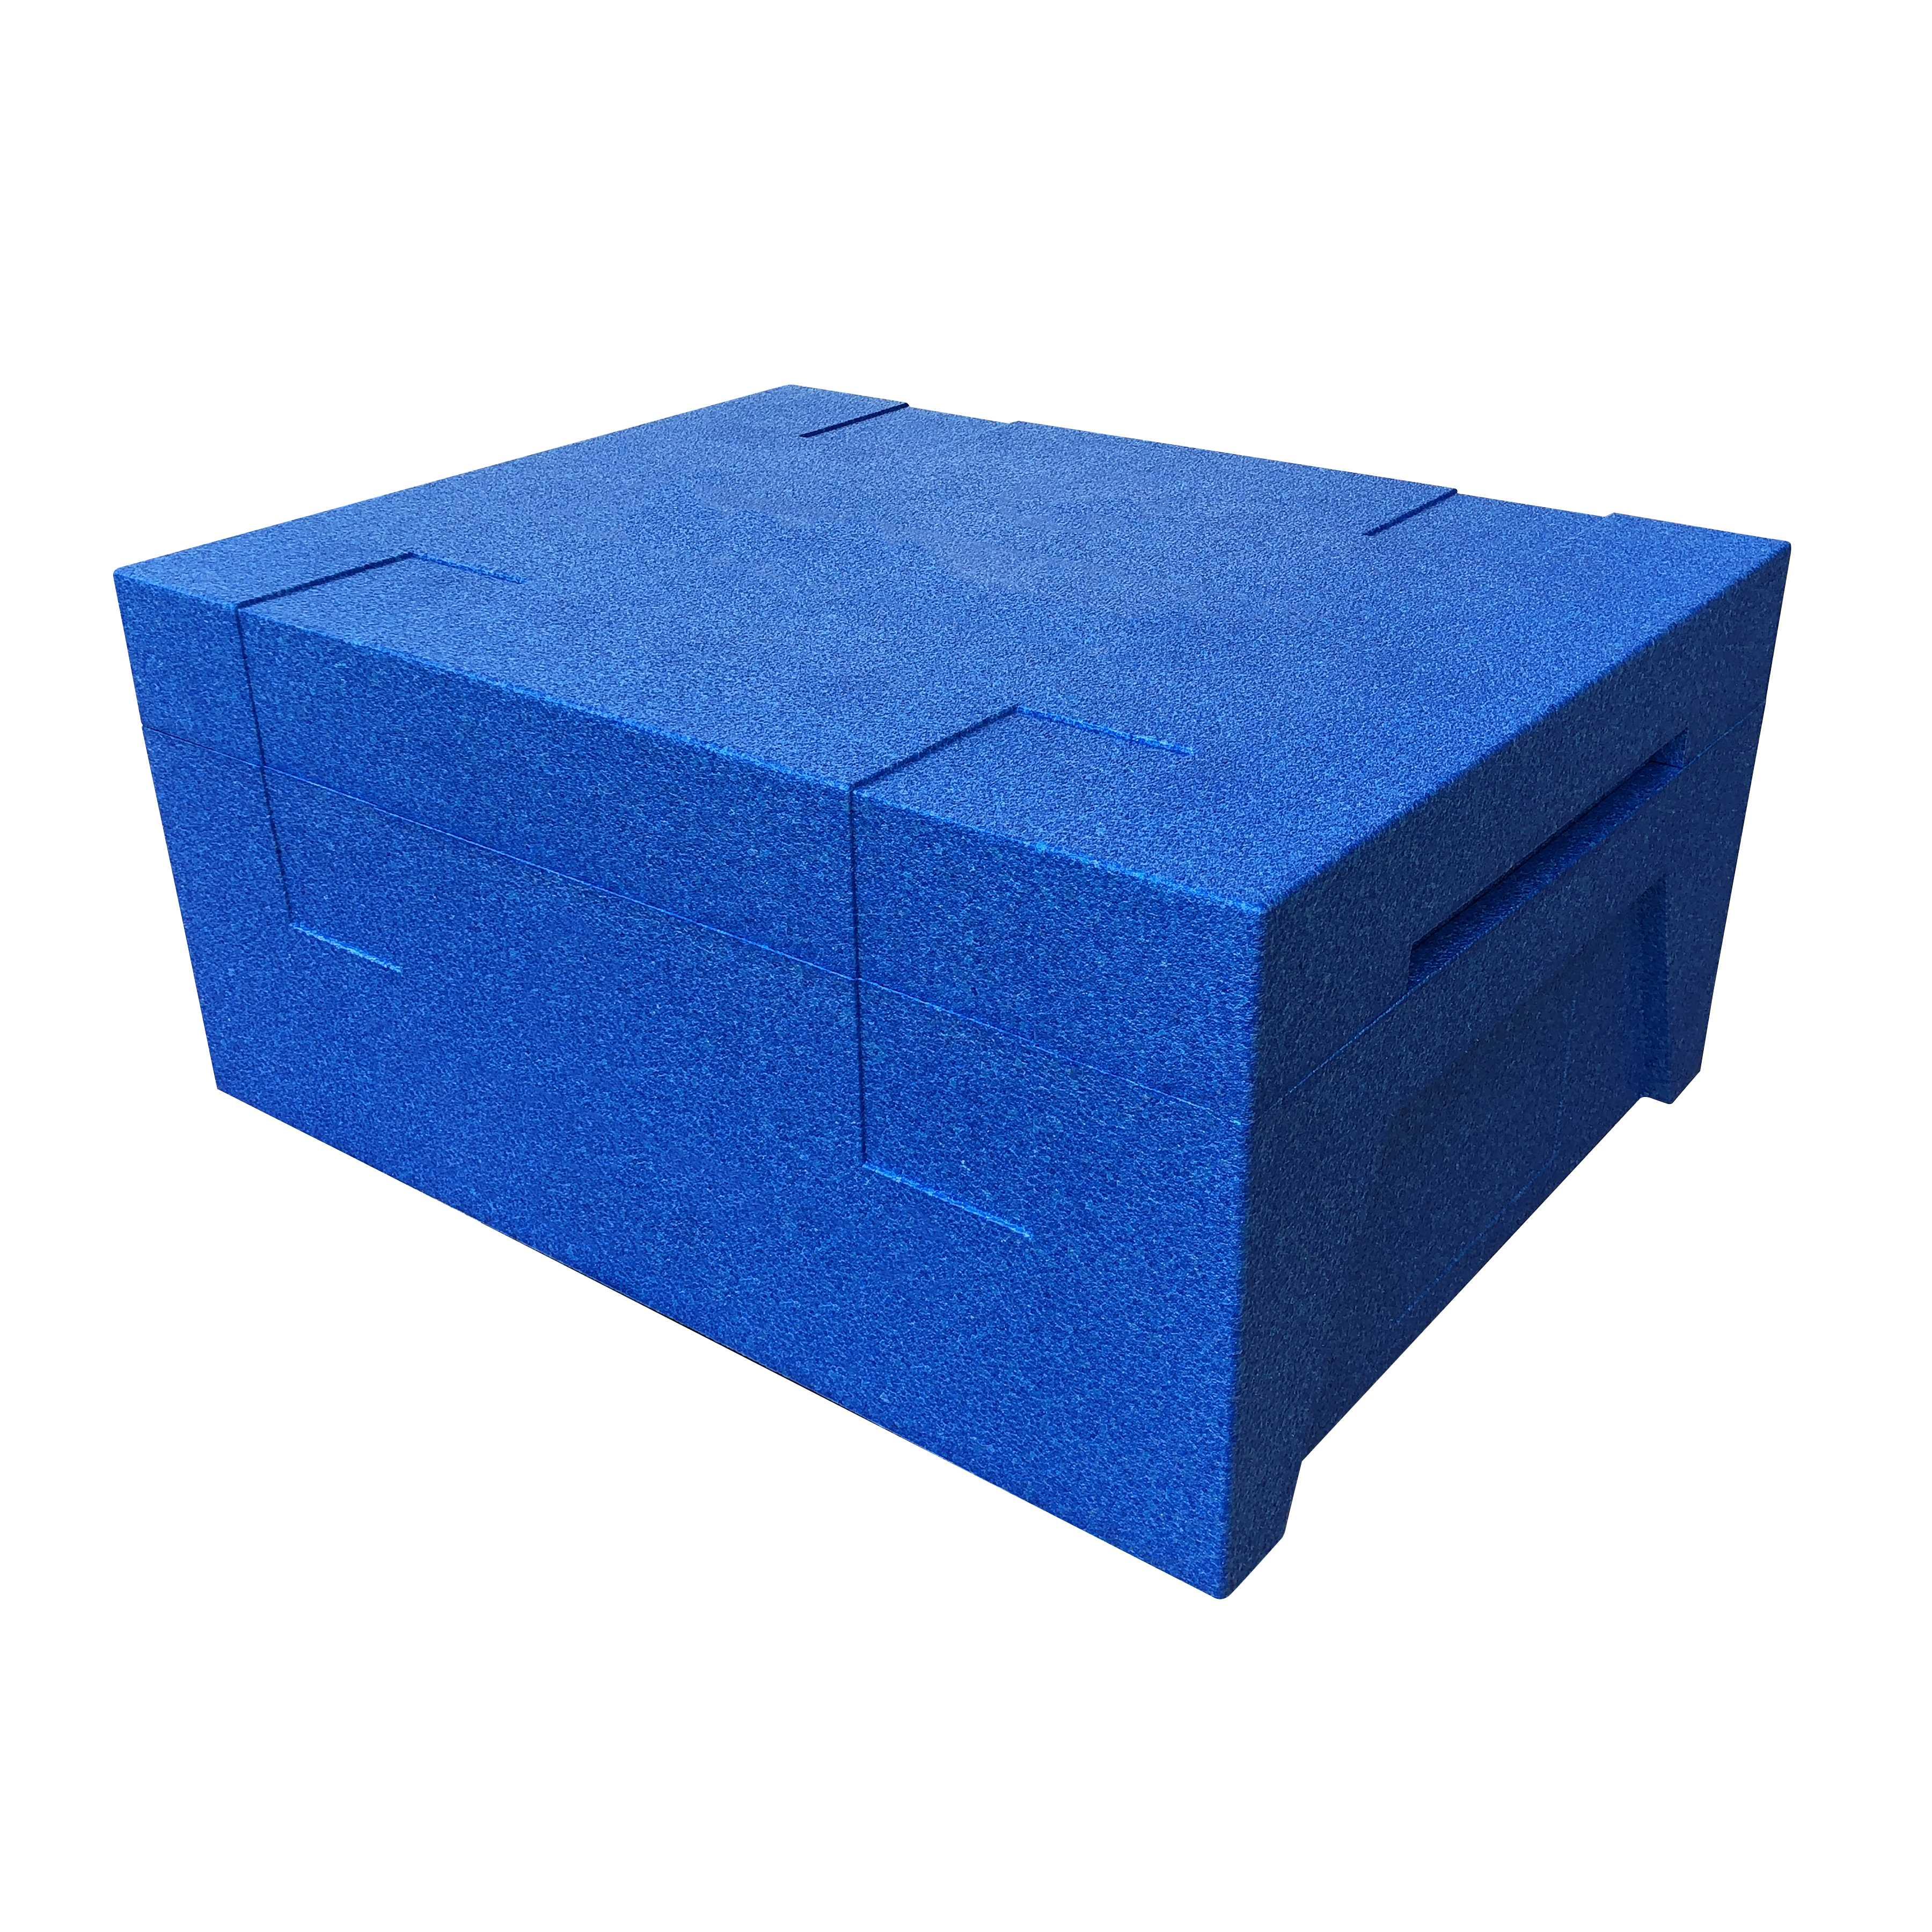 冷鏈-藍色周轉箱